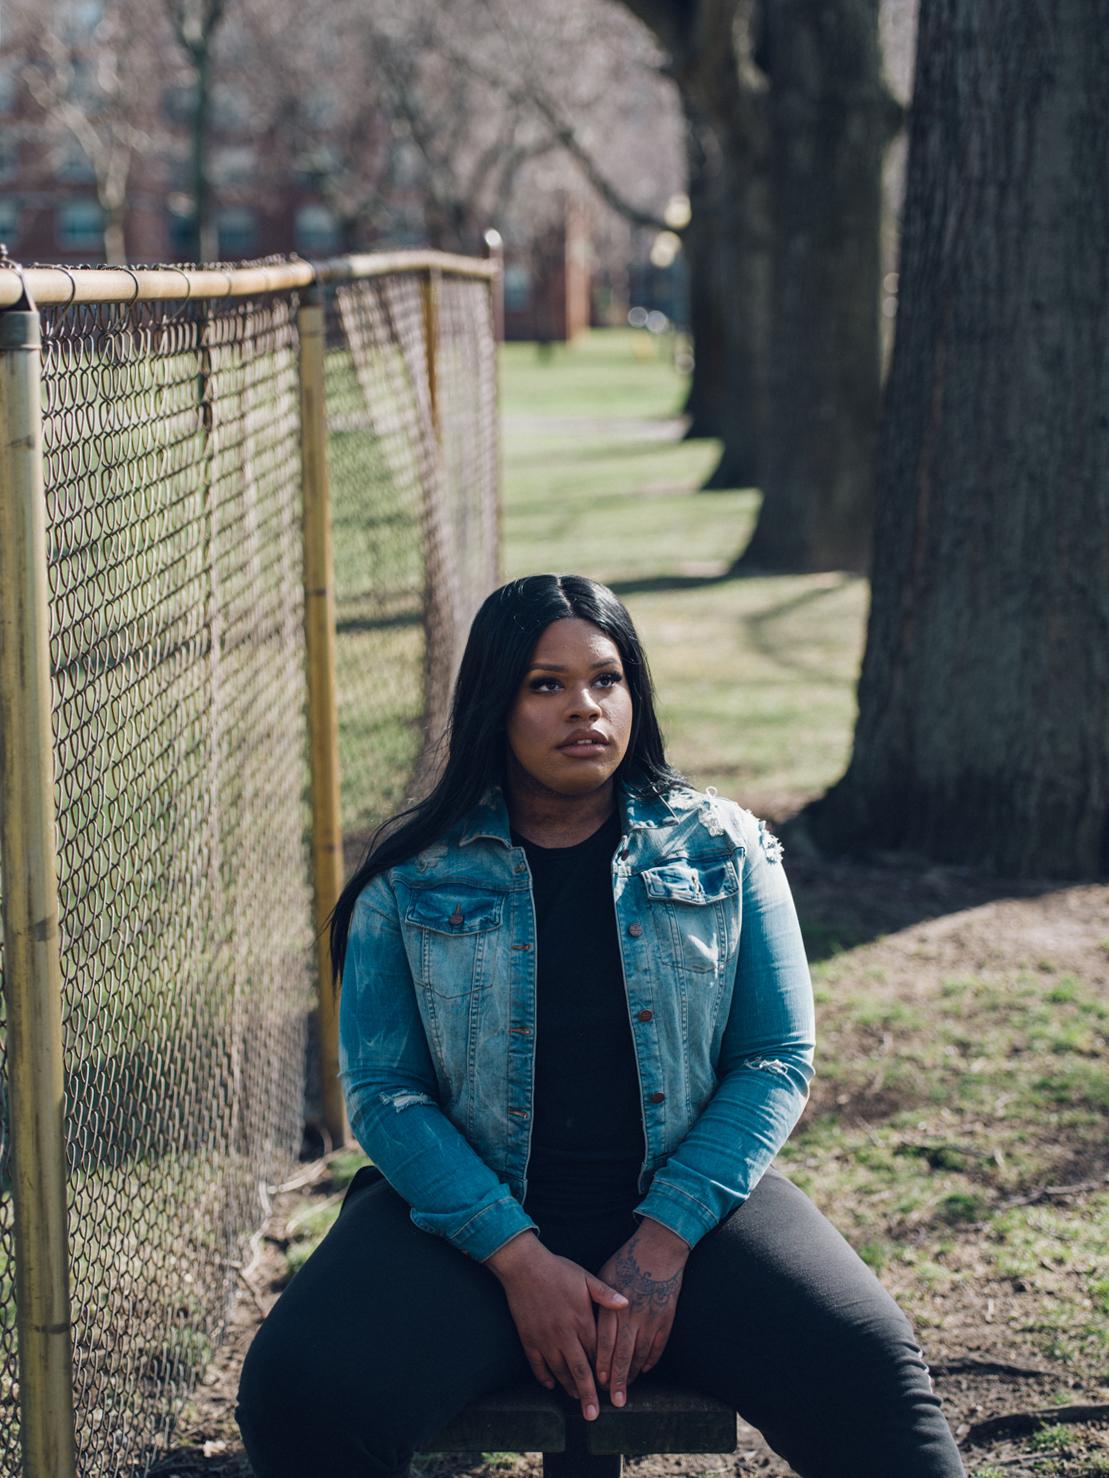 Chanel, 19, Queens, NY. Transgender girl